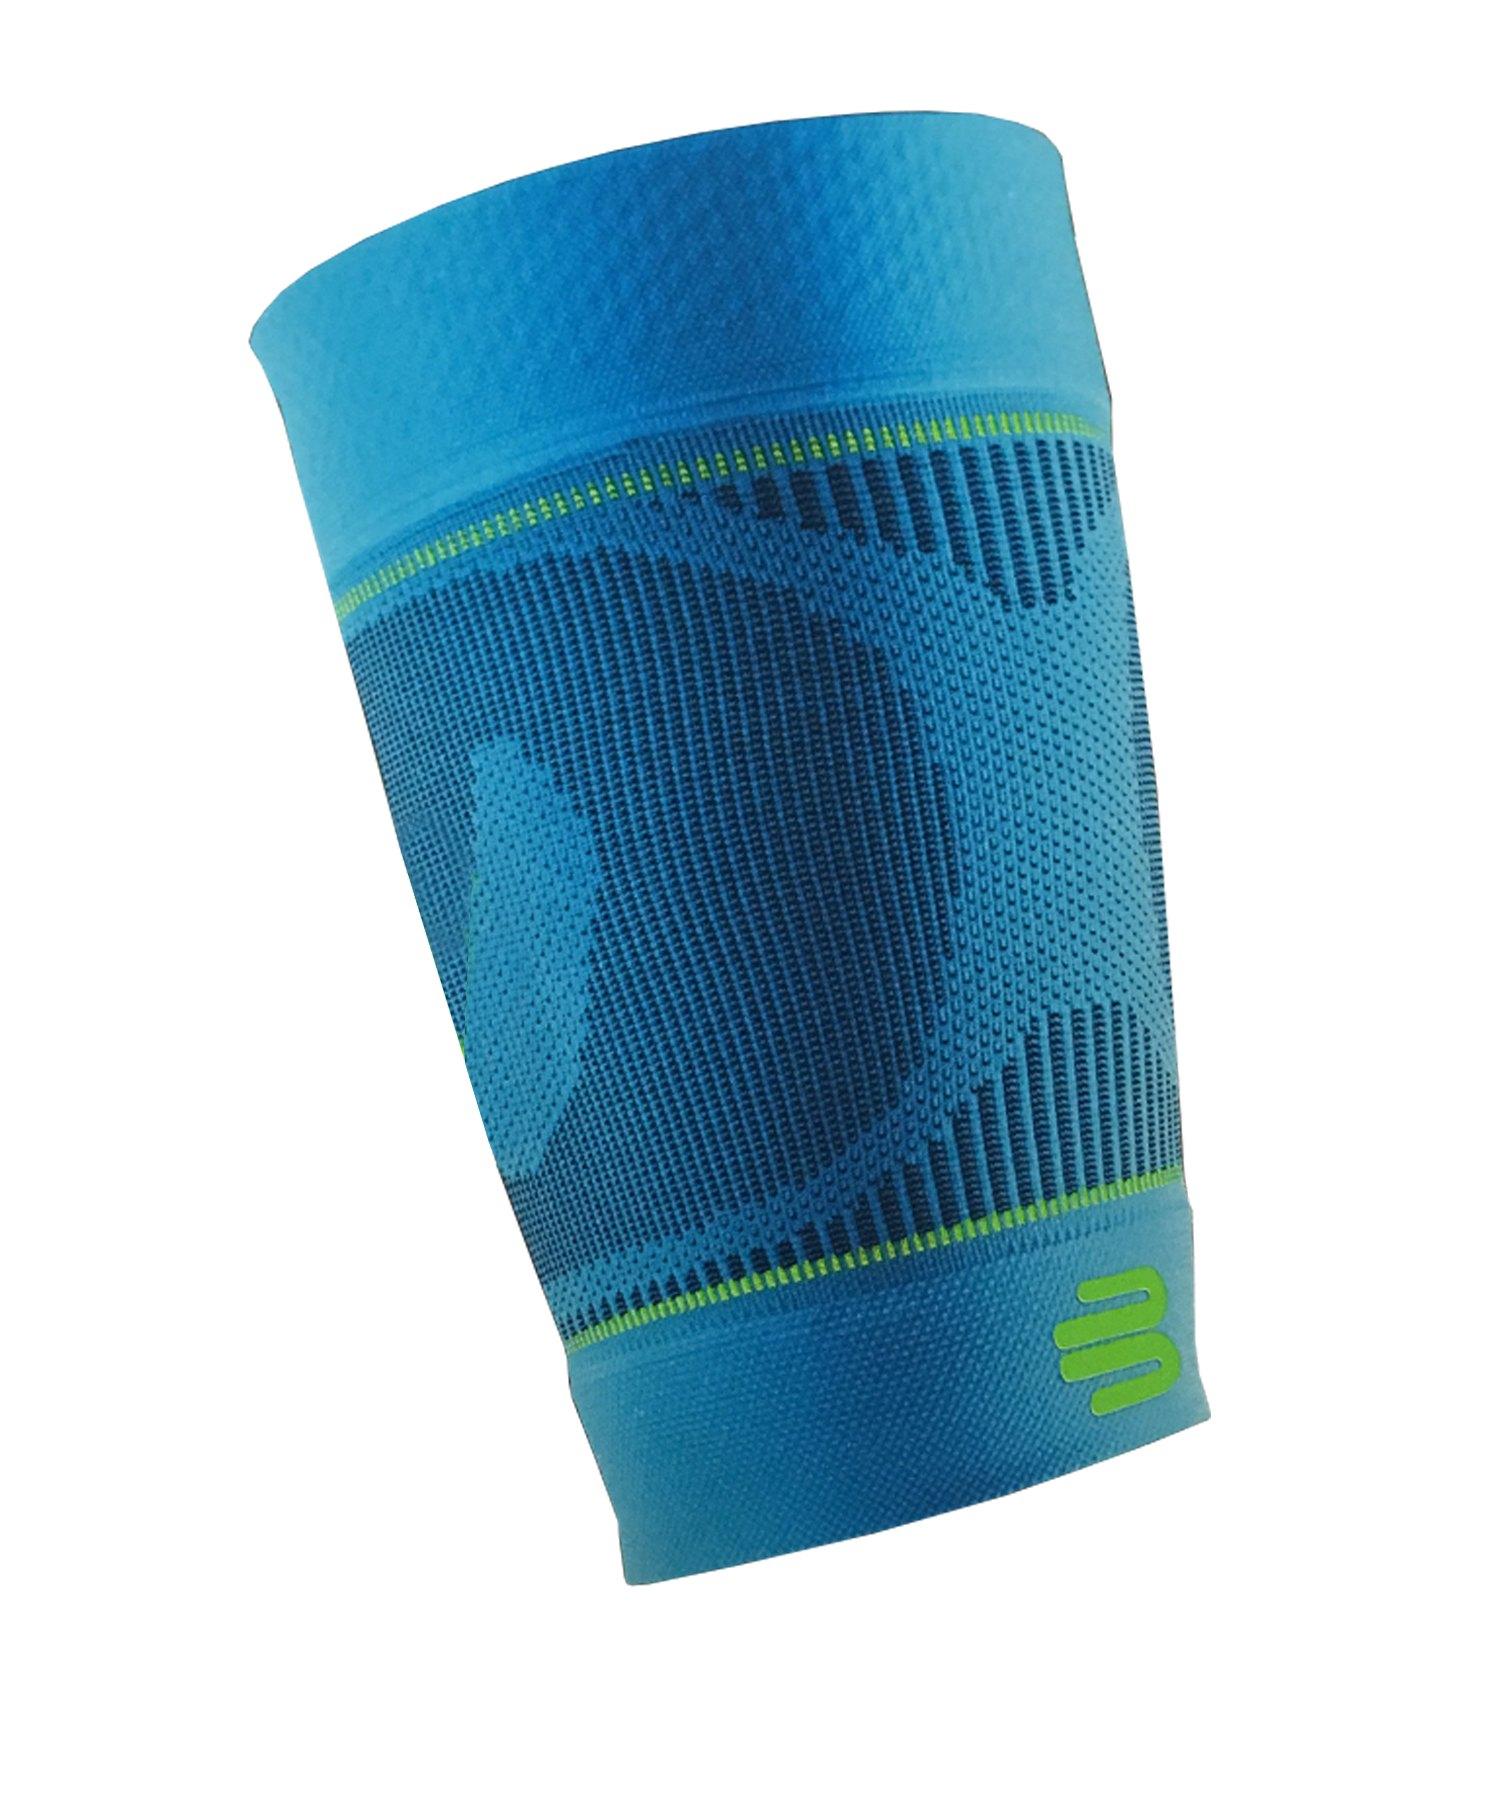 Bauerfeind Compression Sleeves Upper Leg XLong F17 - schwarz